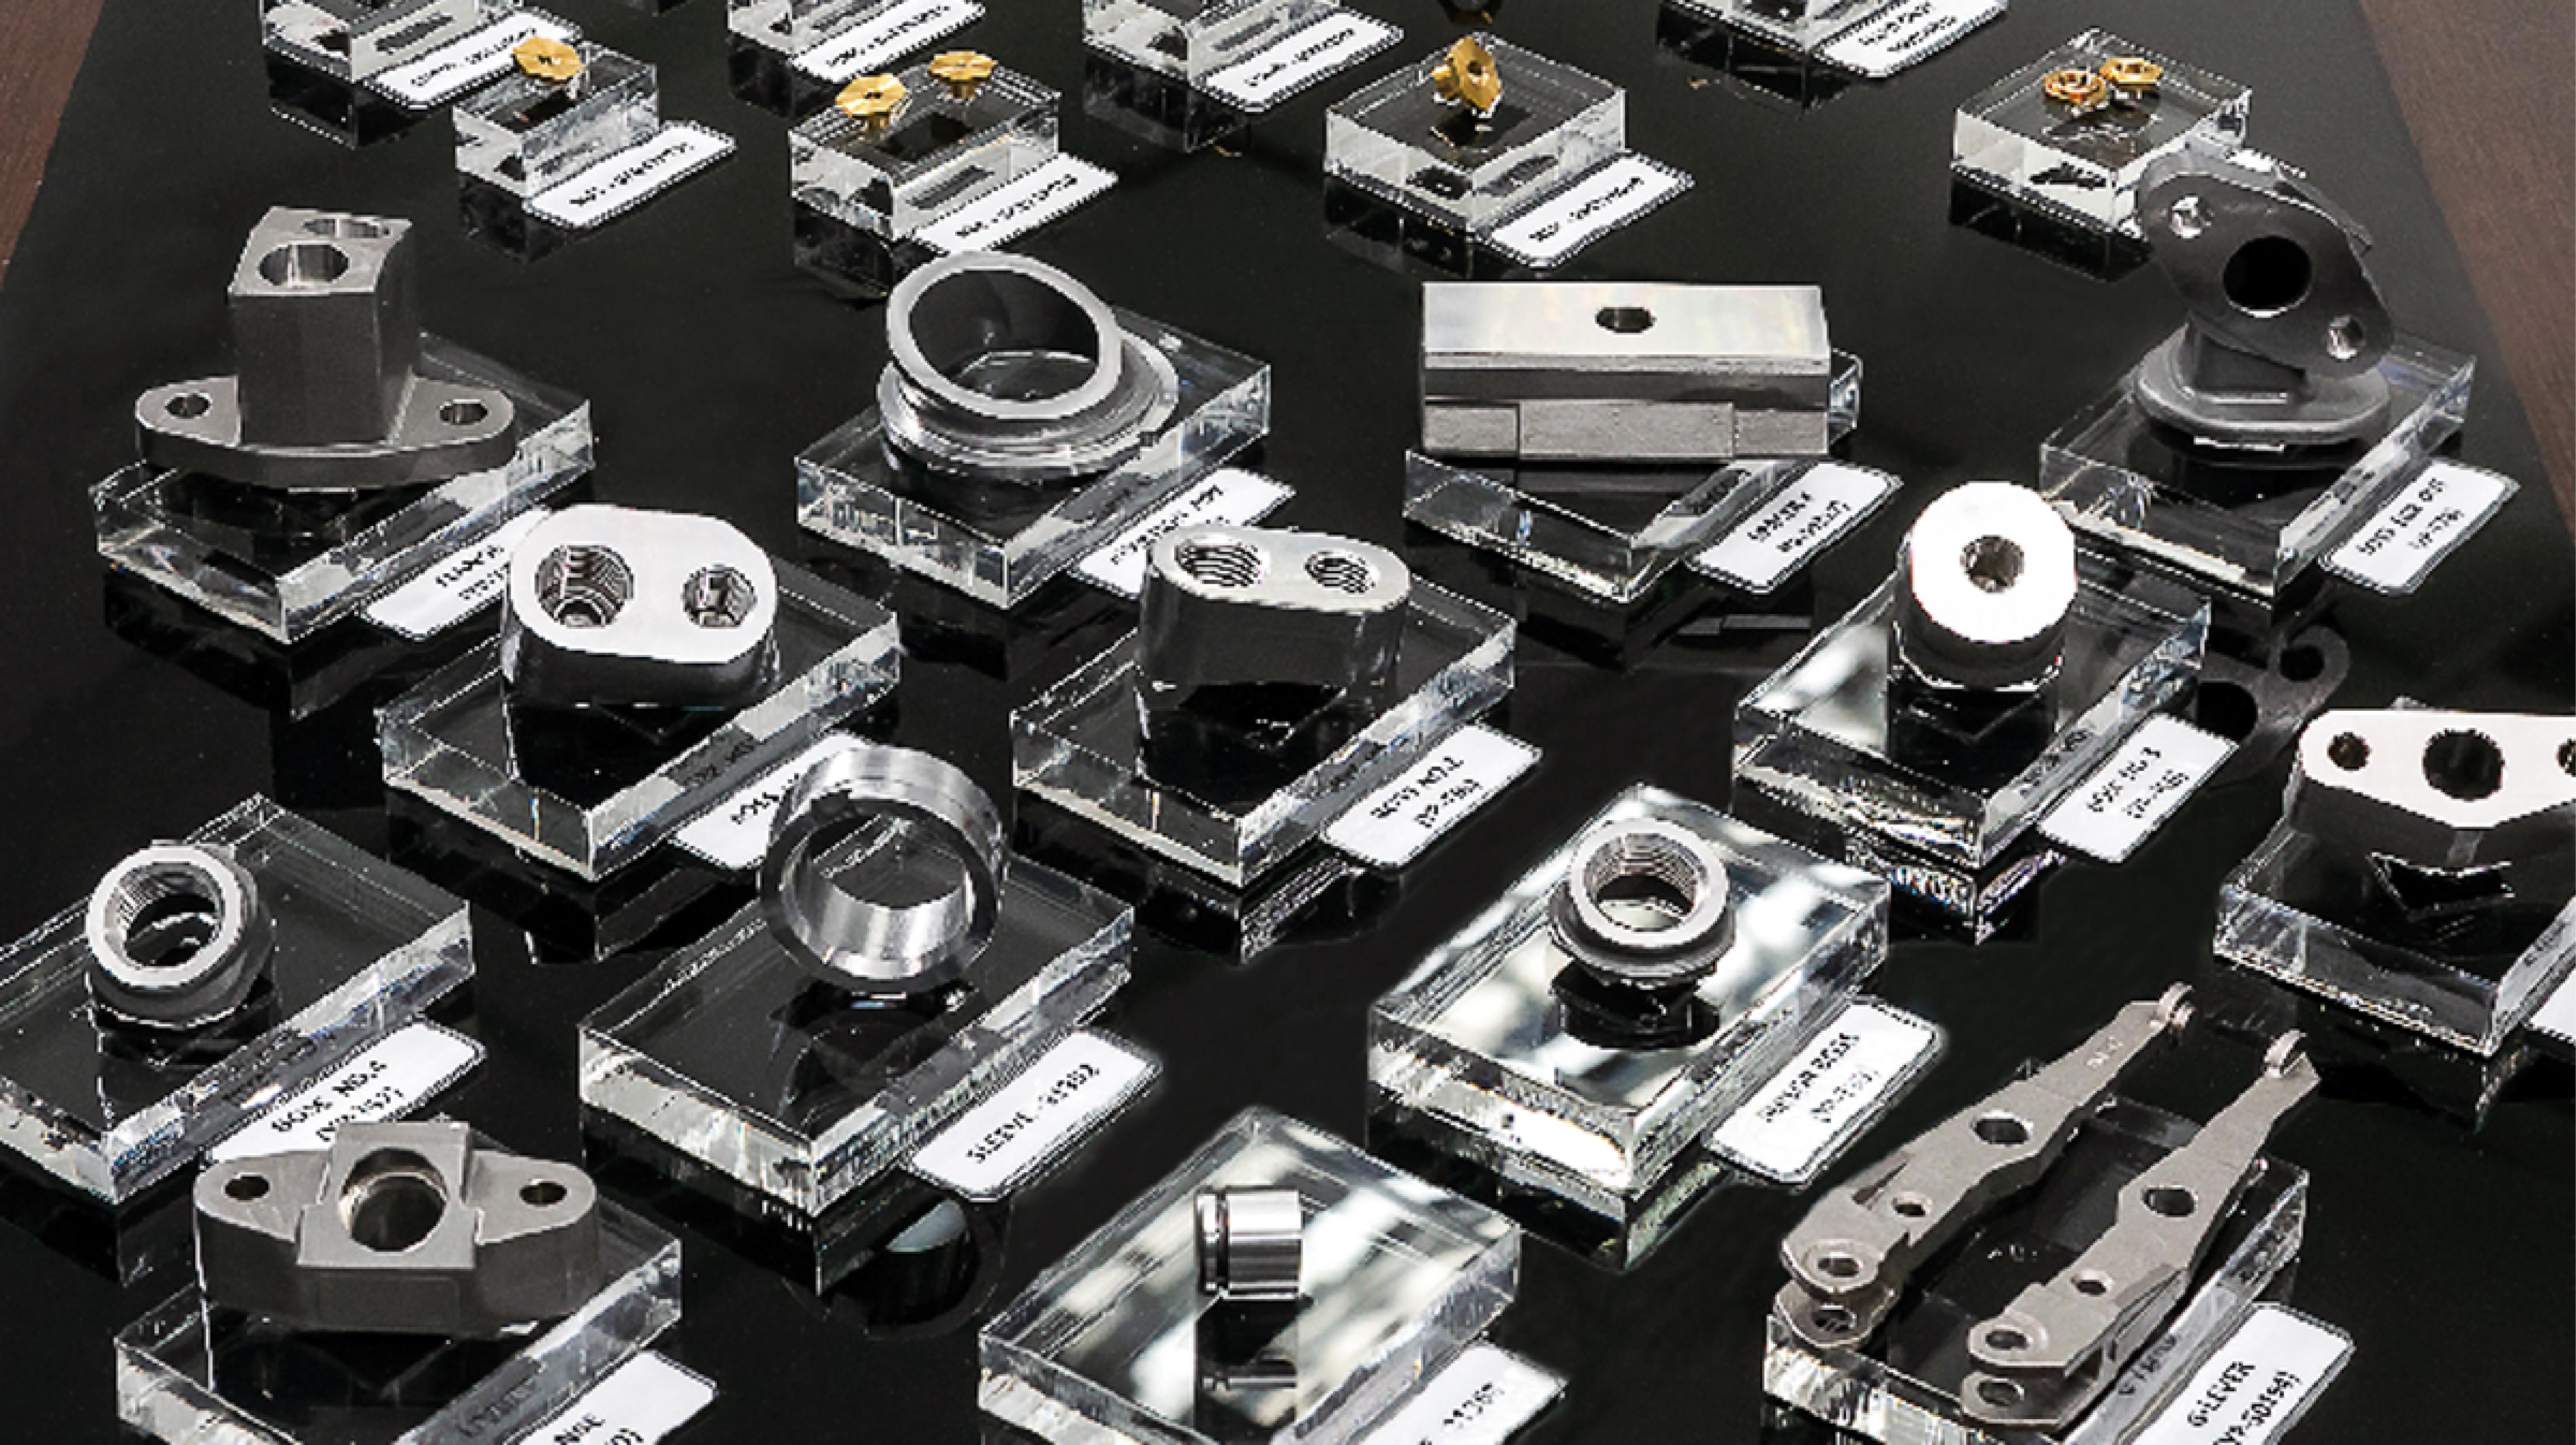 多種多様なパーツを製造可能。工具の選定・製作から最終的な仕上げまで自社で一貫して行うため、短納期・低コストを実現できる